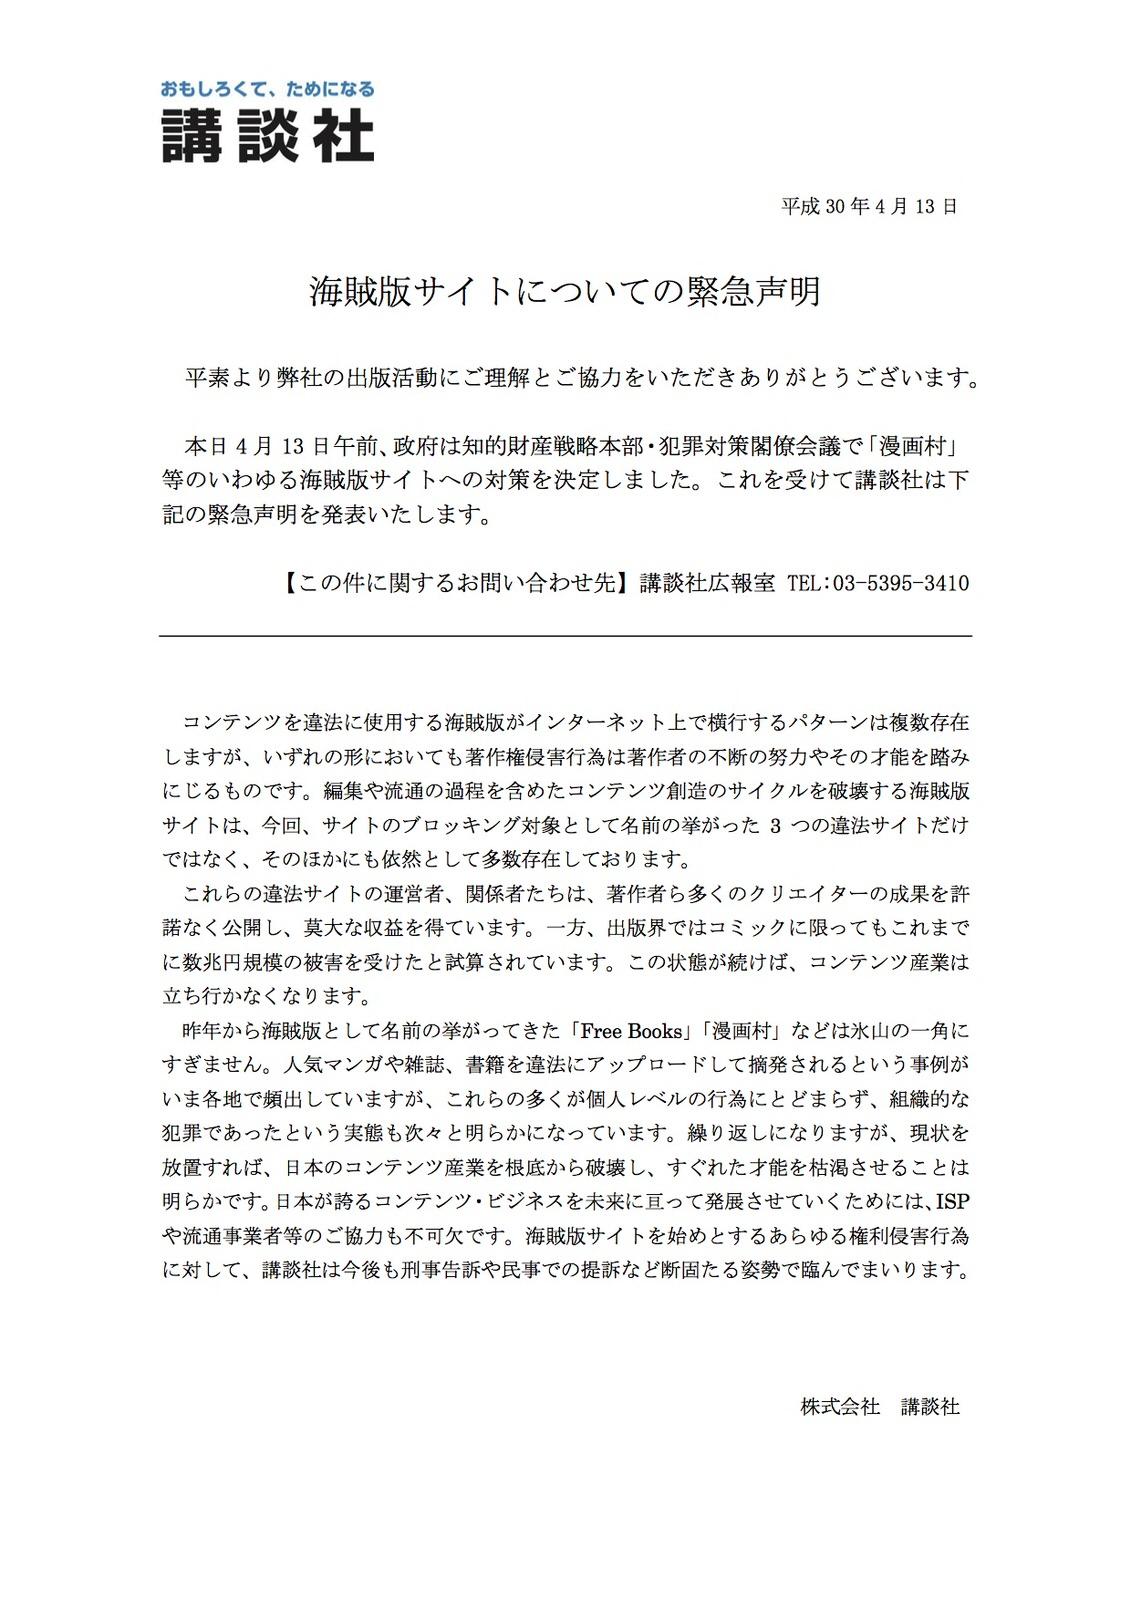 180413_seimei_kaizokuban-1